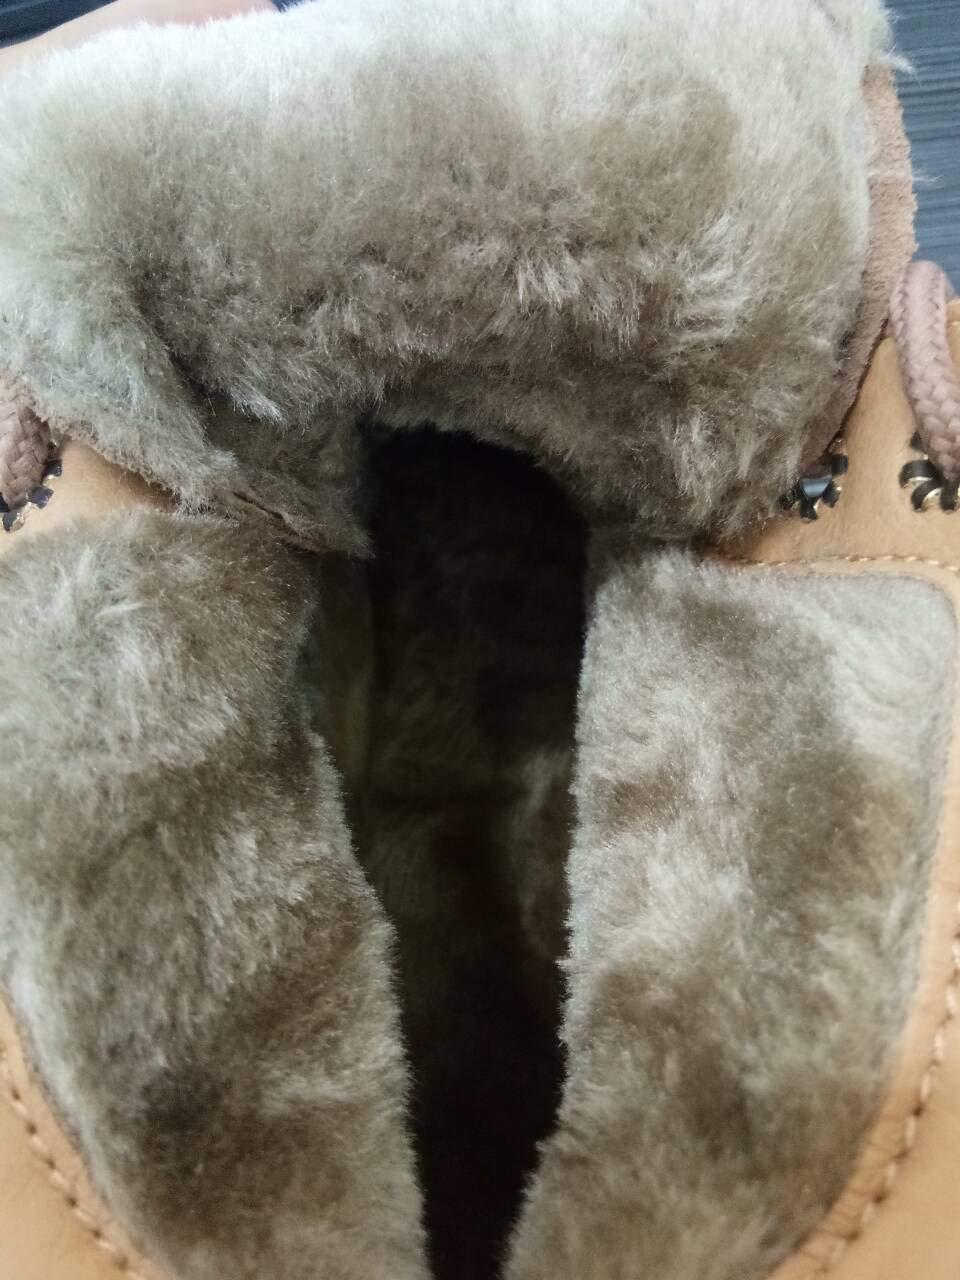 Phy schuhe Herbst und Winter weibliche Leder Nubukleder Plattform Mode Student weibliche Stiefeletten Stiefel, braun rot Baumwolle, 37